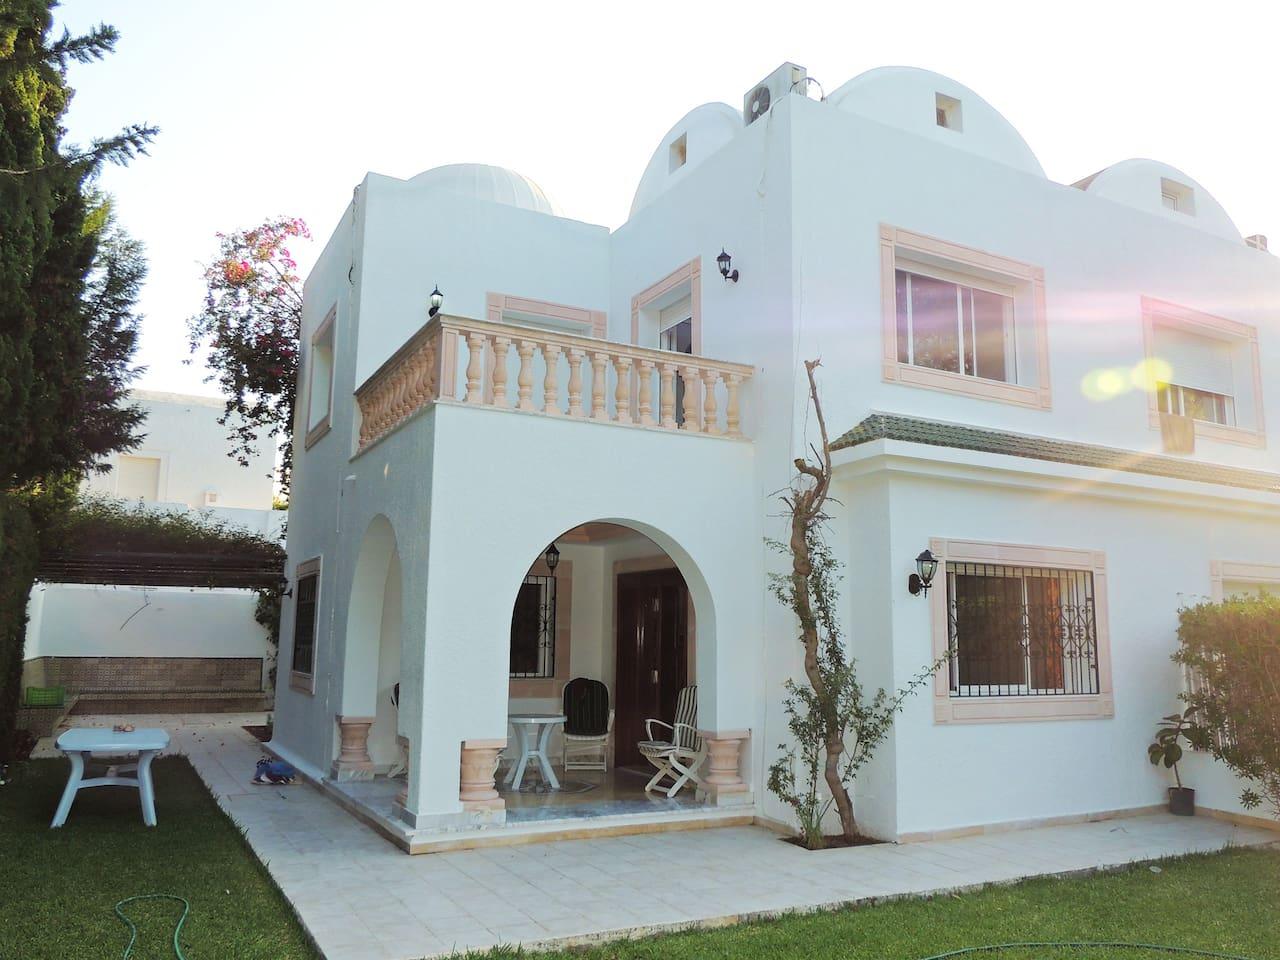 Villa haut standing hôtel africa jade korba vacation homes for rent in korba nabeul tunisia